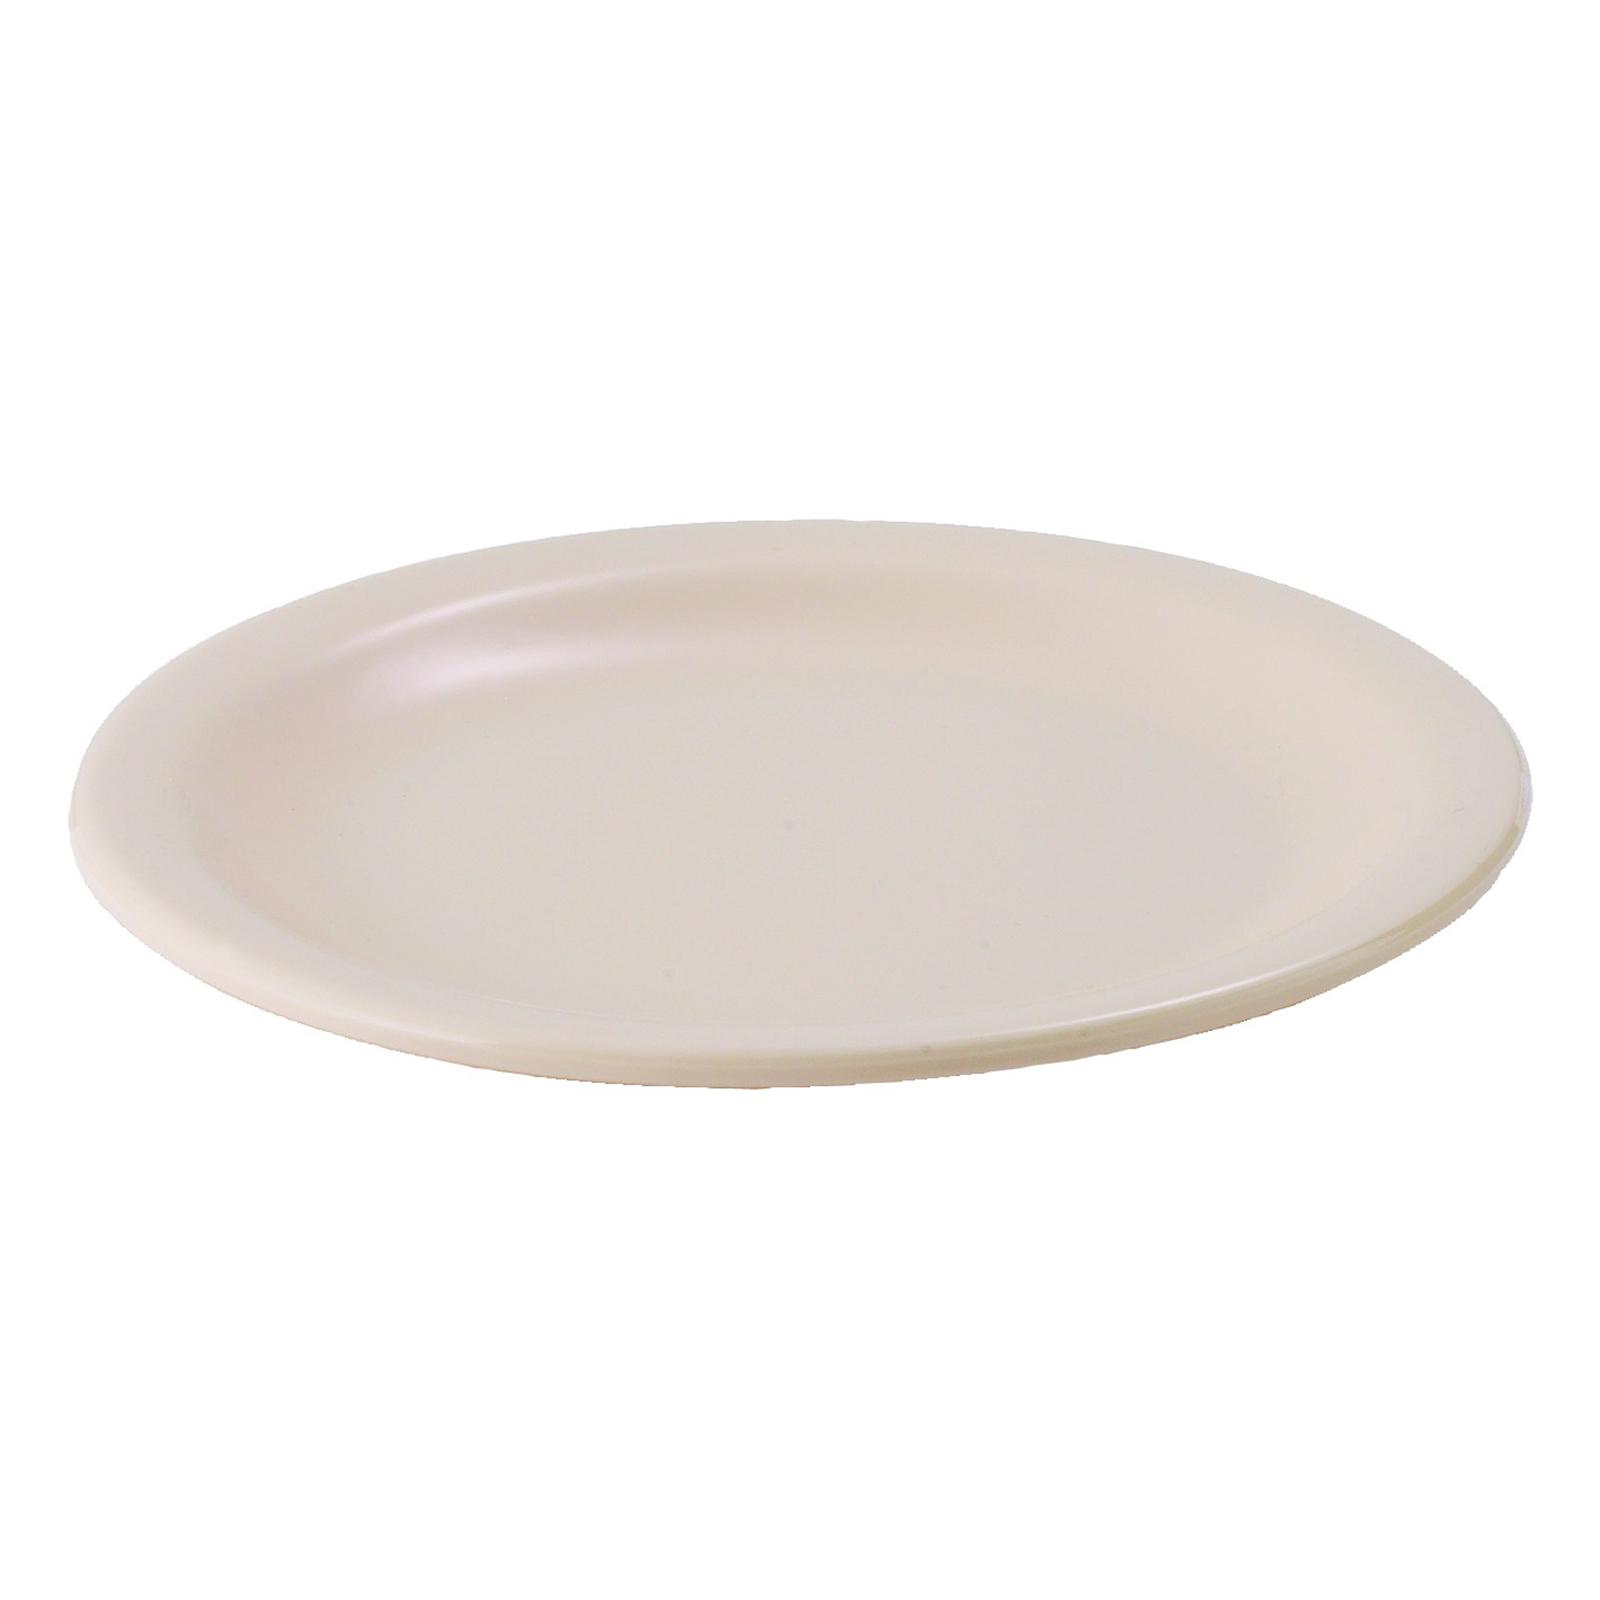 Winco MMPR-8 plate, plastic